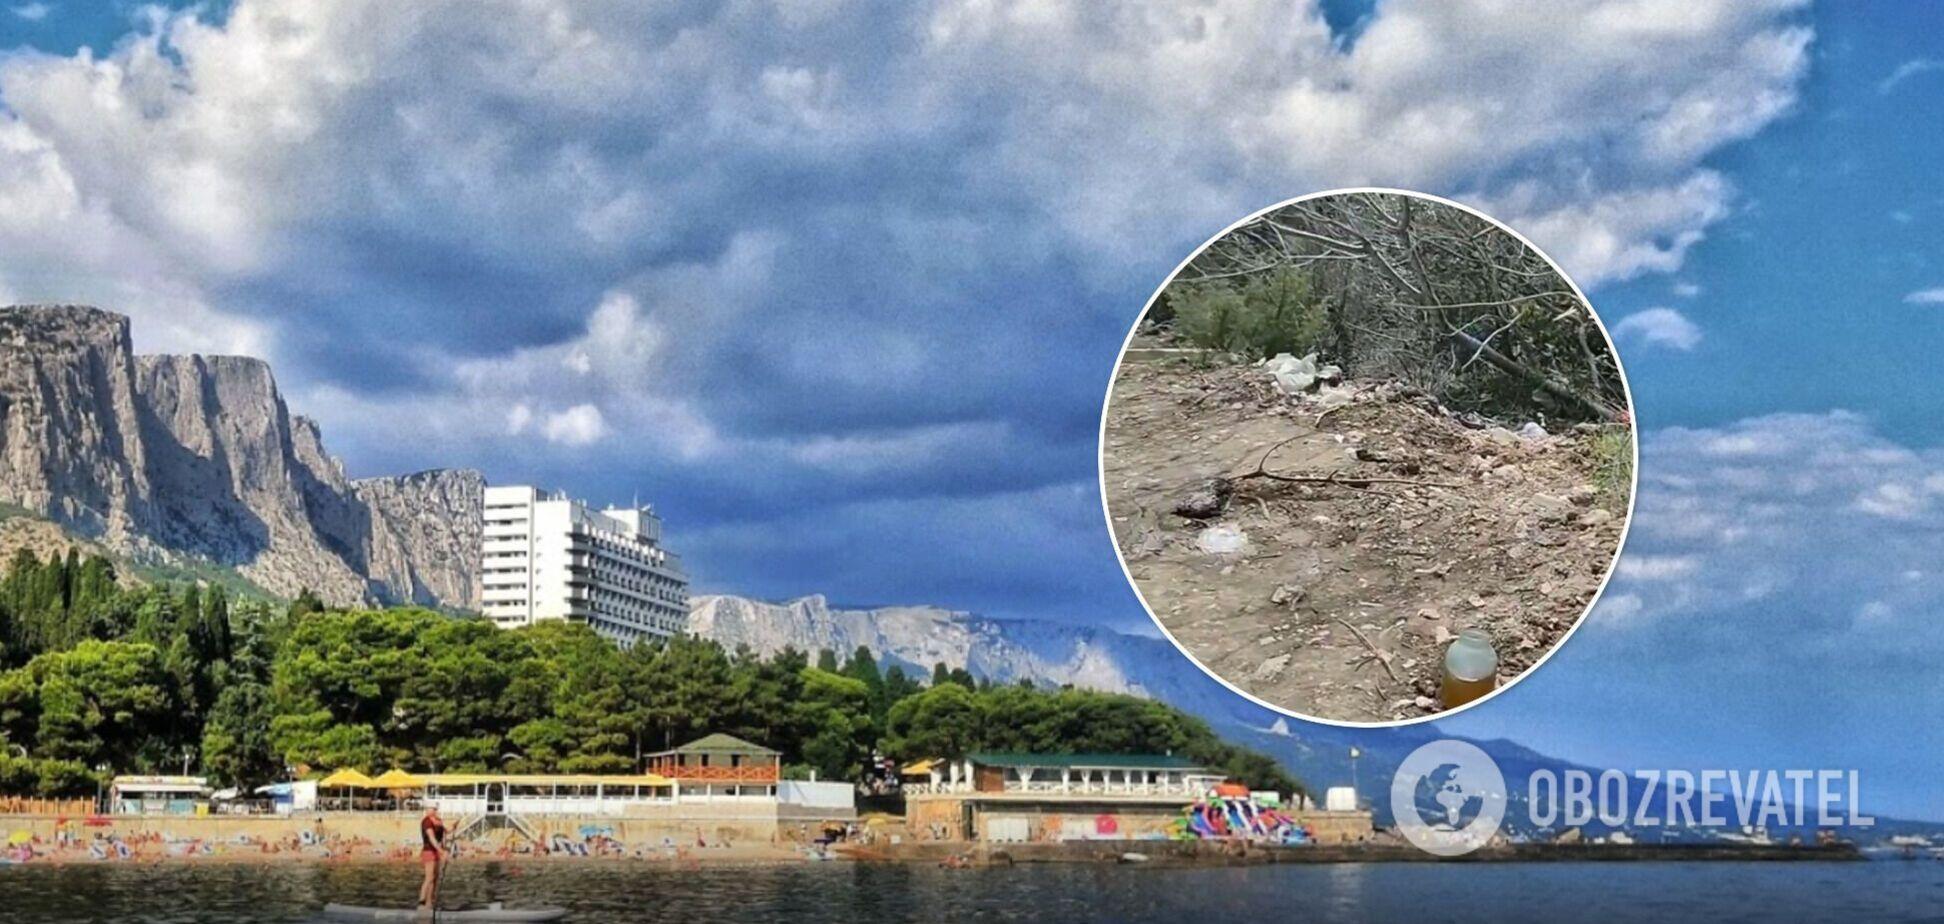 В сети показали, как оккупанты замусорили Форосский парк в Крыму. Фото и видео